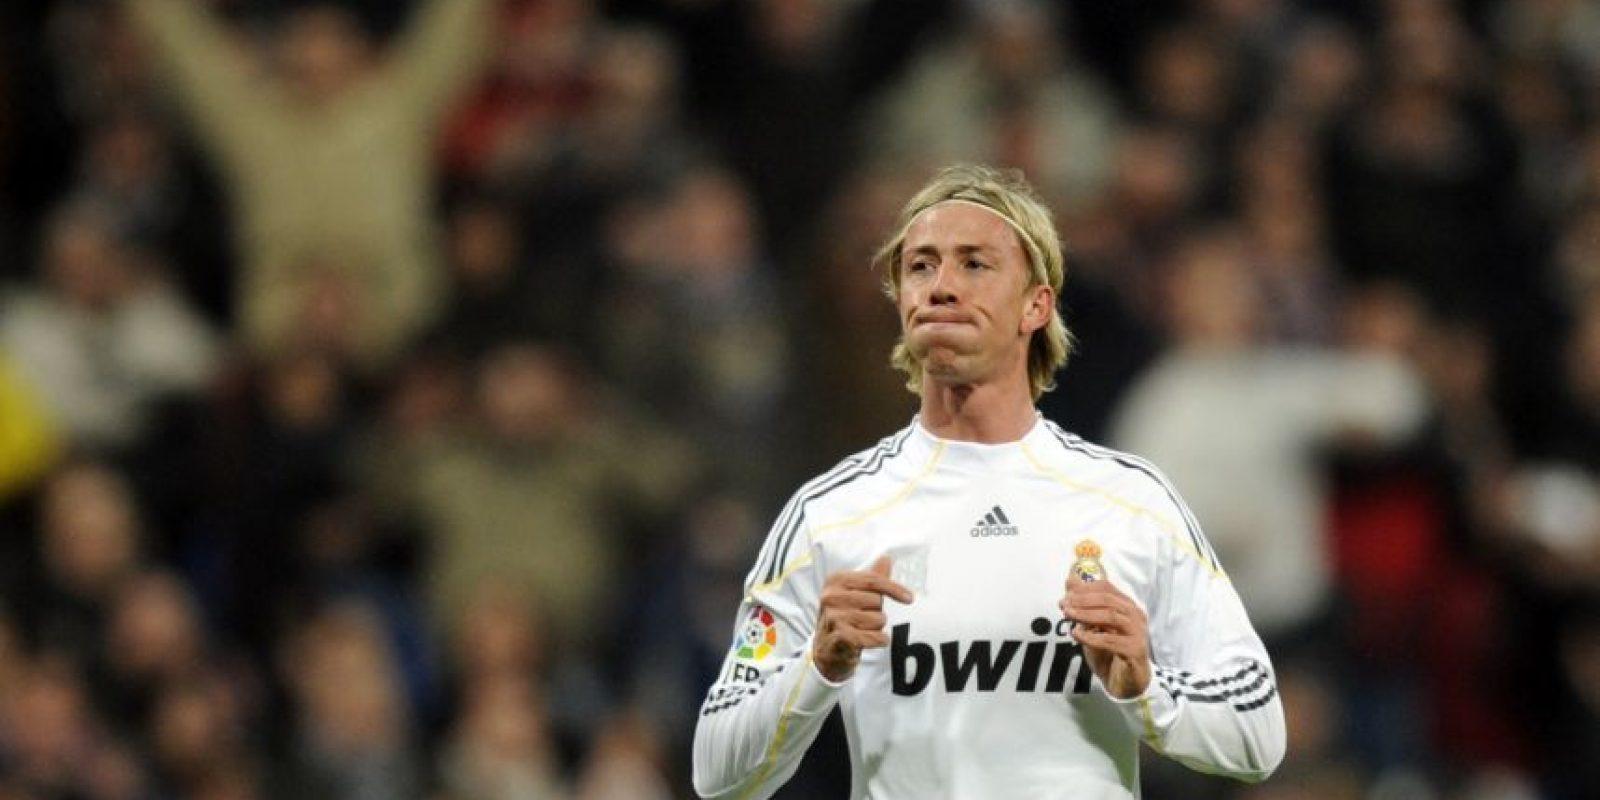 Foto:listasdefutbol.com